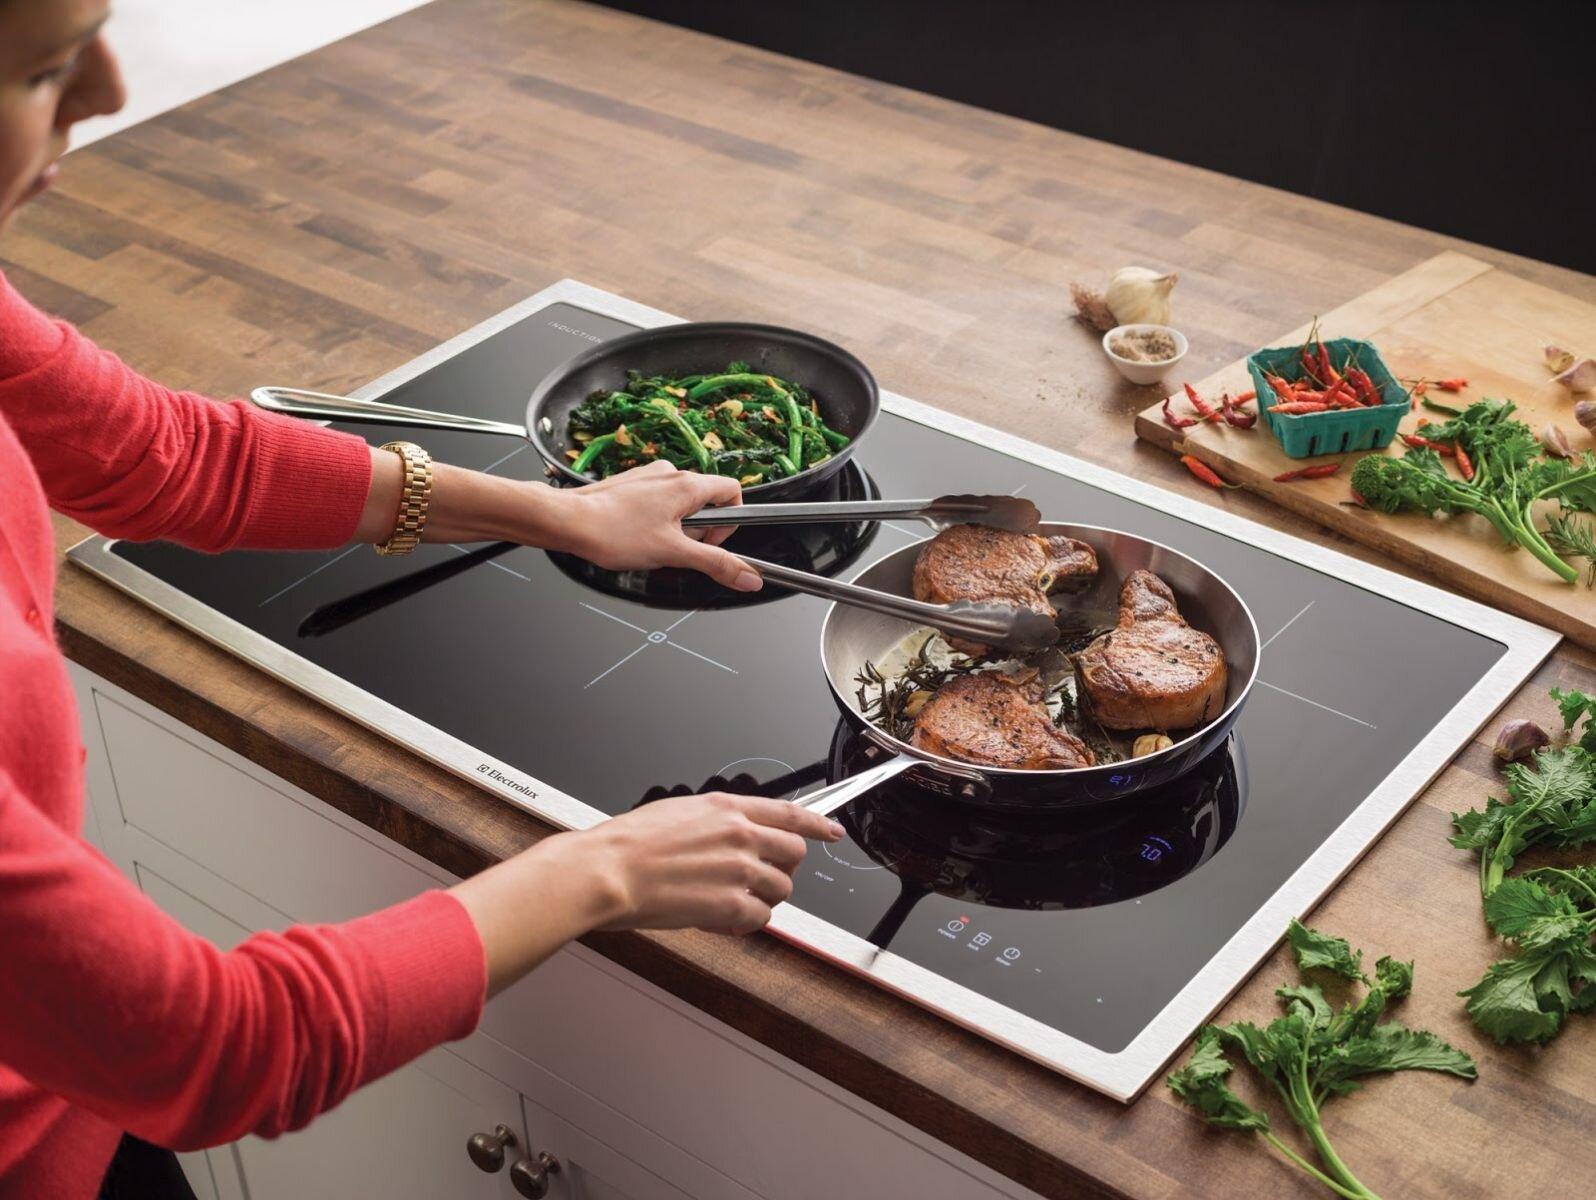 Bếp điện từ giúp công việc nấu ăn nhanh gọn, dễ dàng hơn